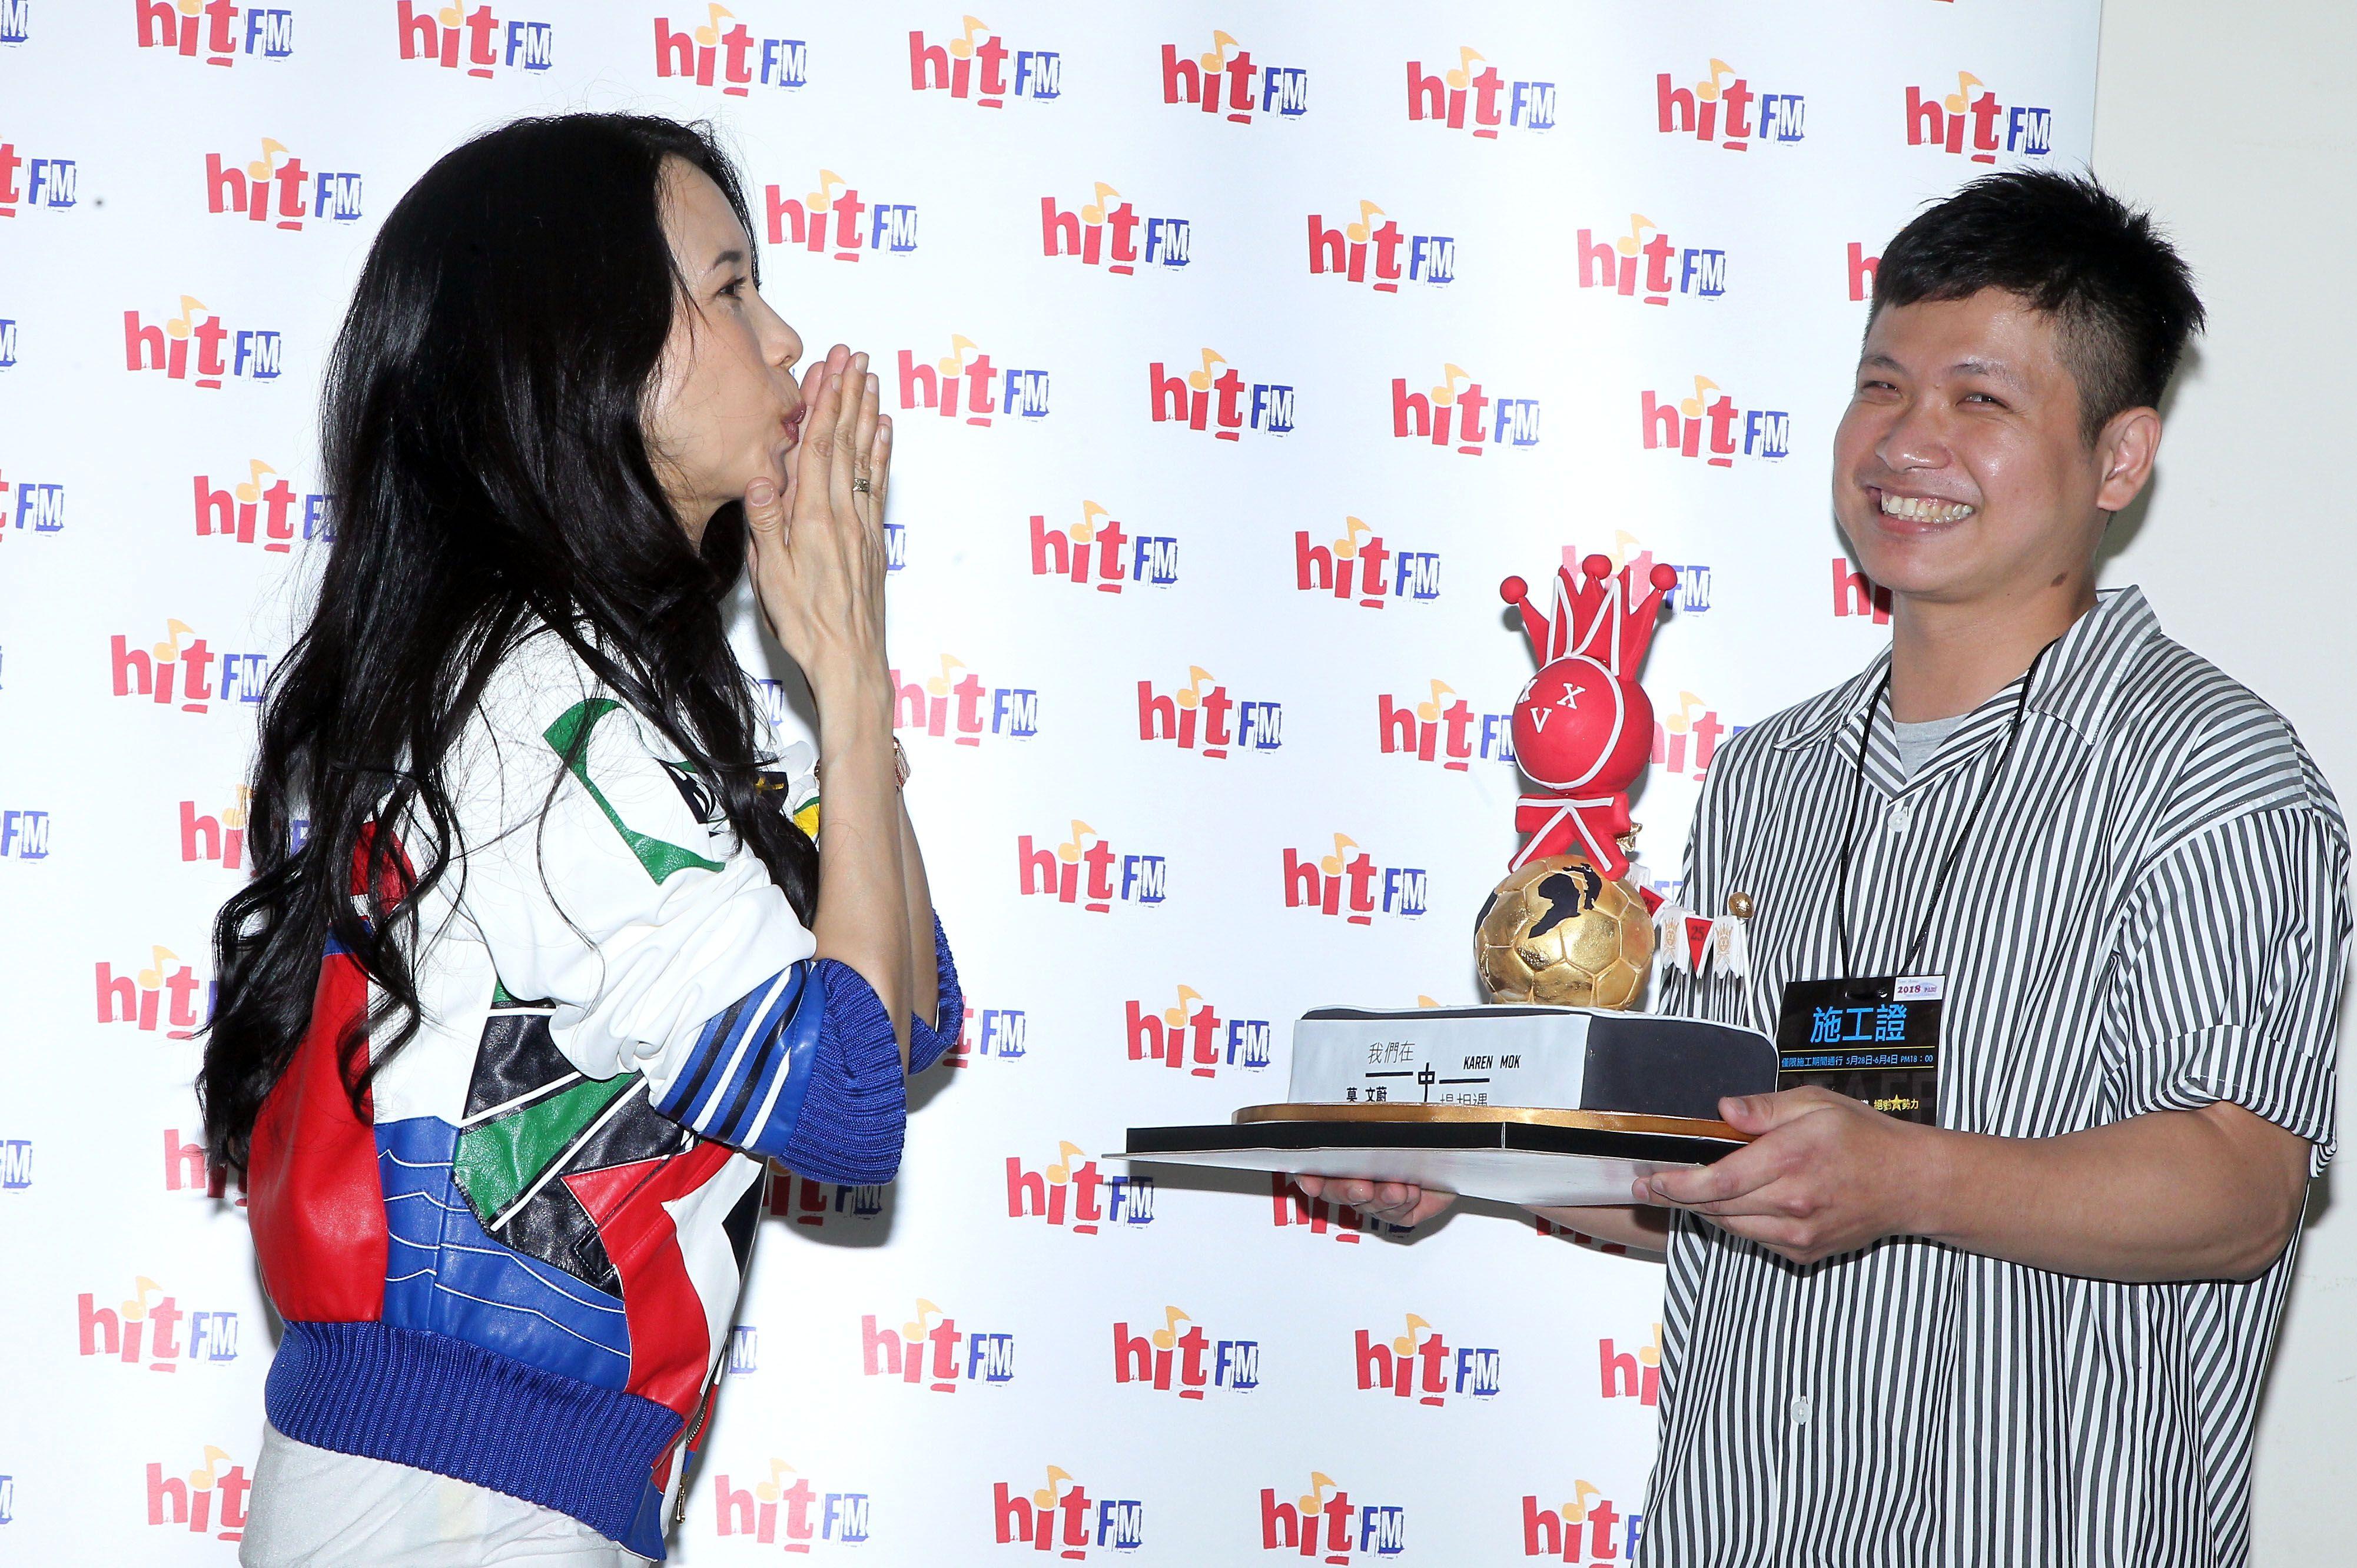 莫文蔚「hito流行音樂獎」表演彩排,這天正是Karen生日粉絲送上蛋糕及祝福,讓Karen度過難忘的生日。(記者邱榮吉/攝影)